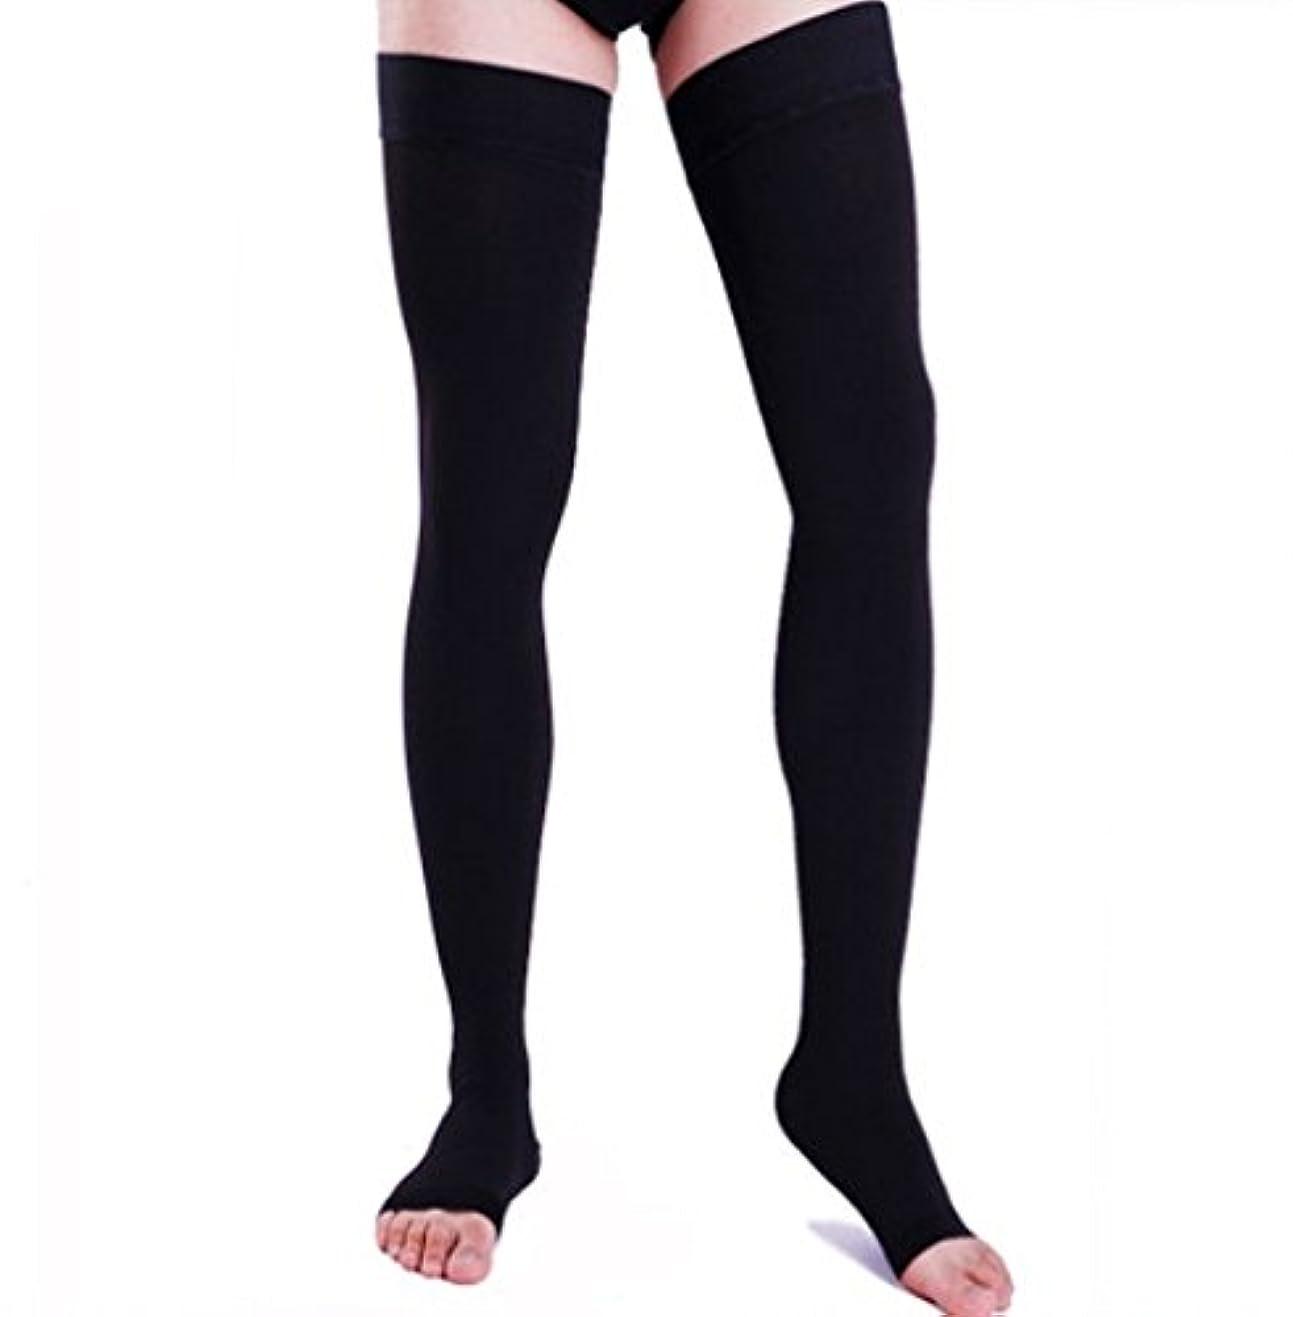 薬剤師巨大愛情深い【エコノミー症候群予防】男性用 着圧ソックス オープントゥ ロング (XL, ブラック)